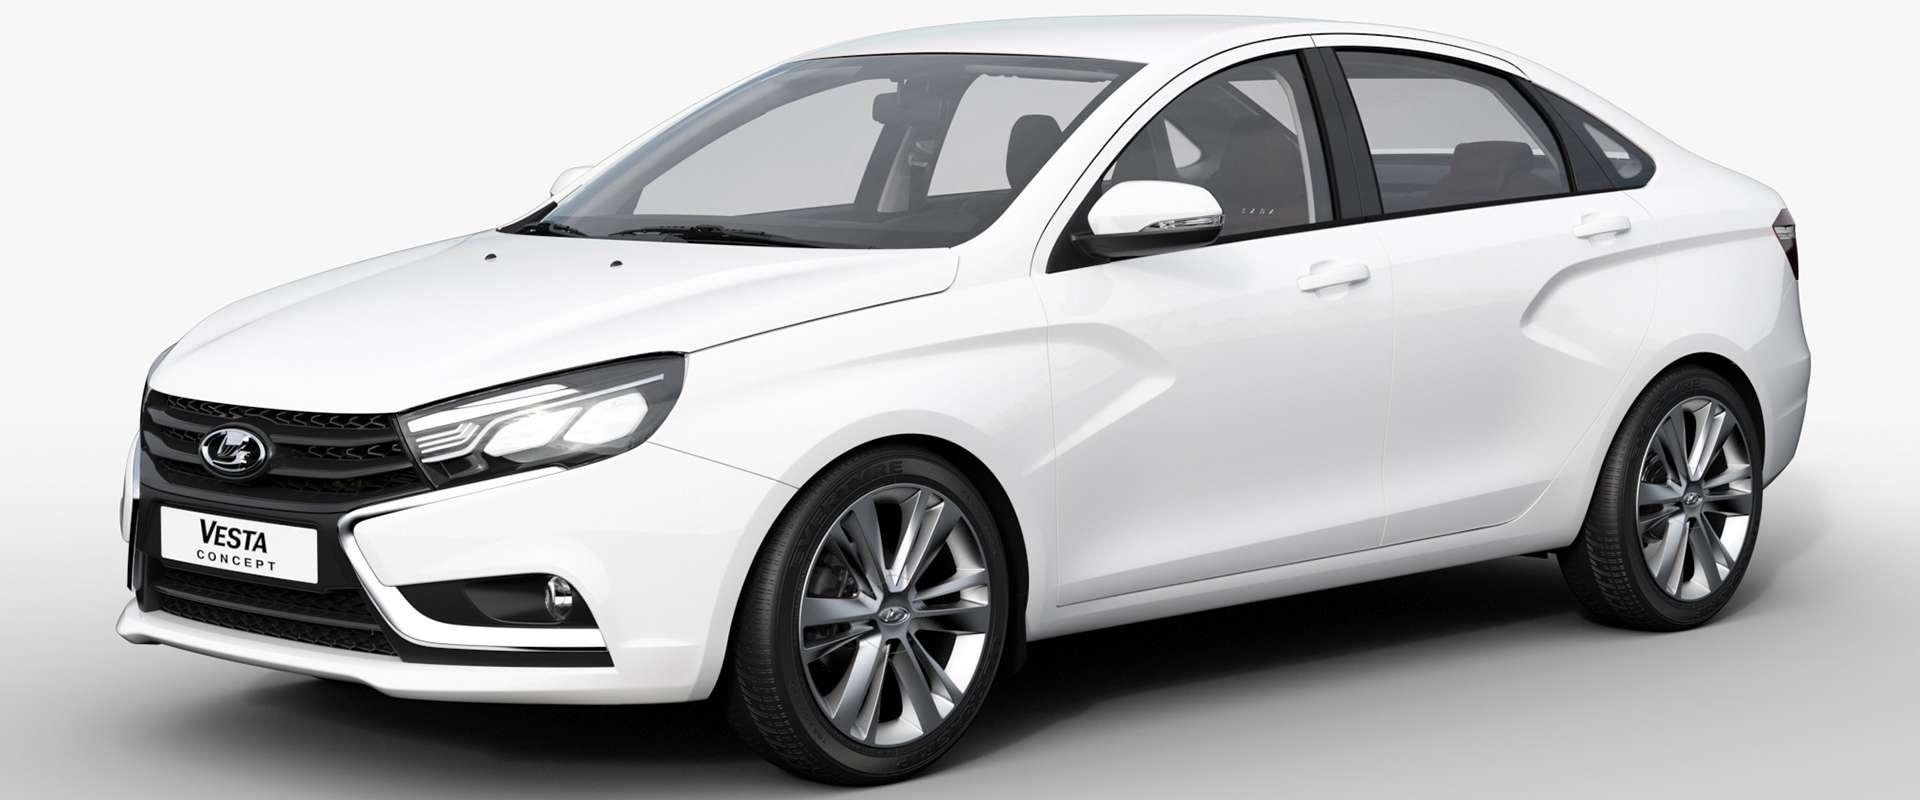 Predvodnik nove generacije Ladinih vozila: Lada Vesta